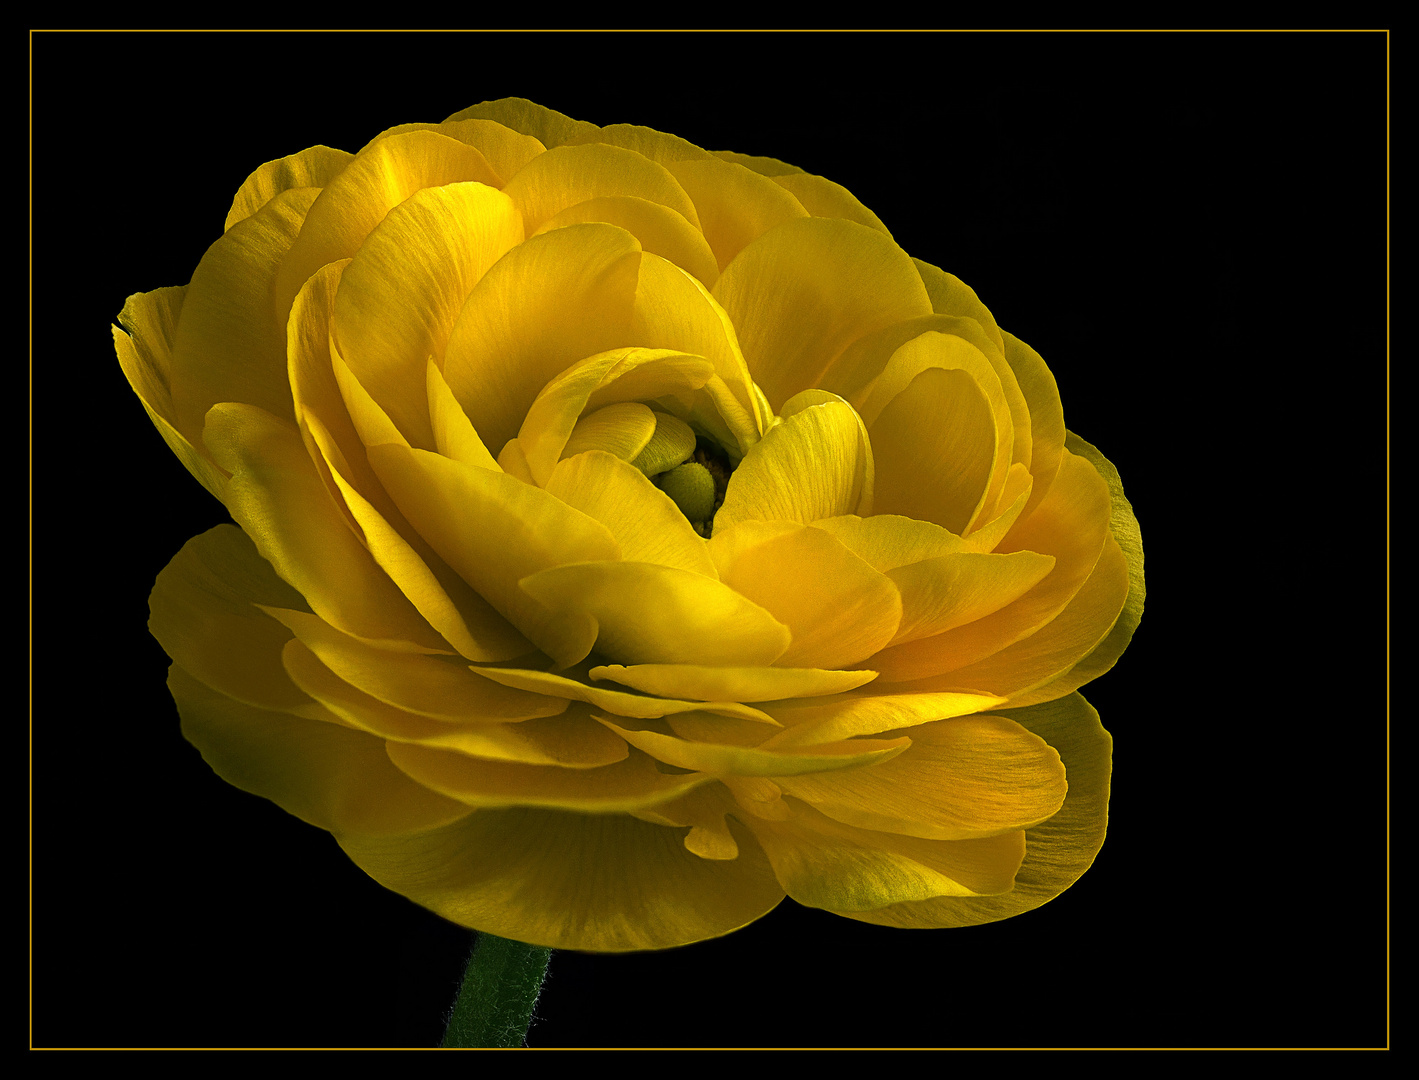 Nicht umsonst nennt man die wundervollen Ranunkeln auch - Rosen des Frühlings